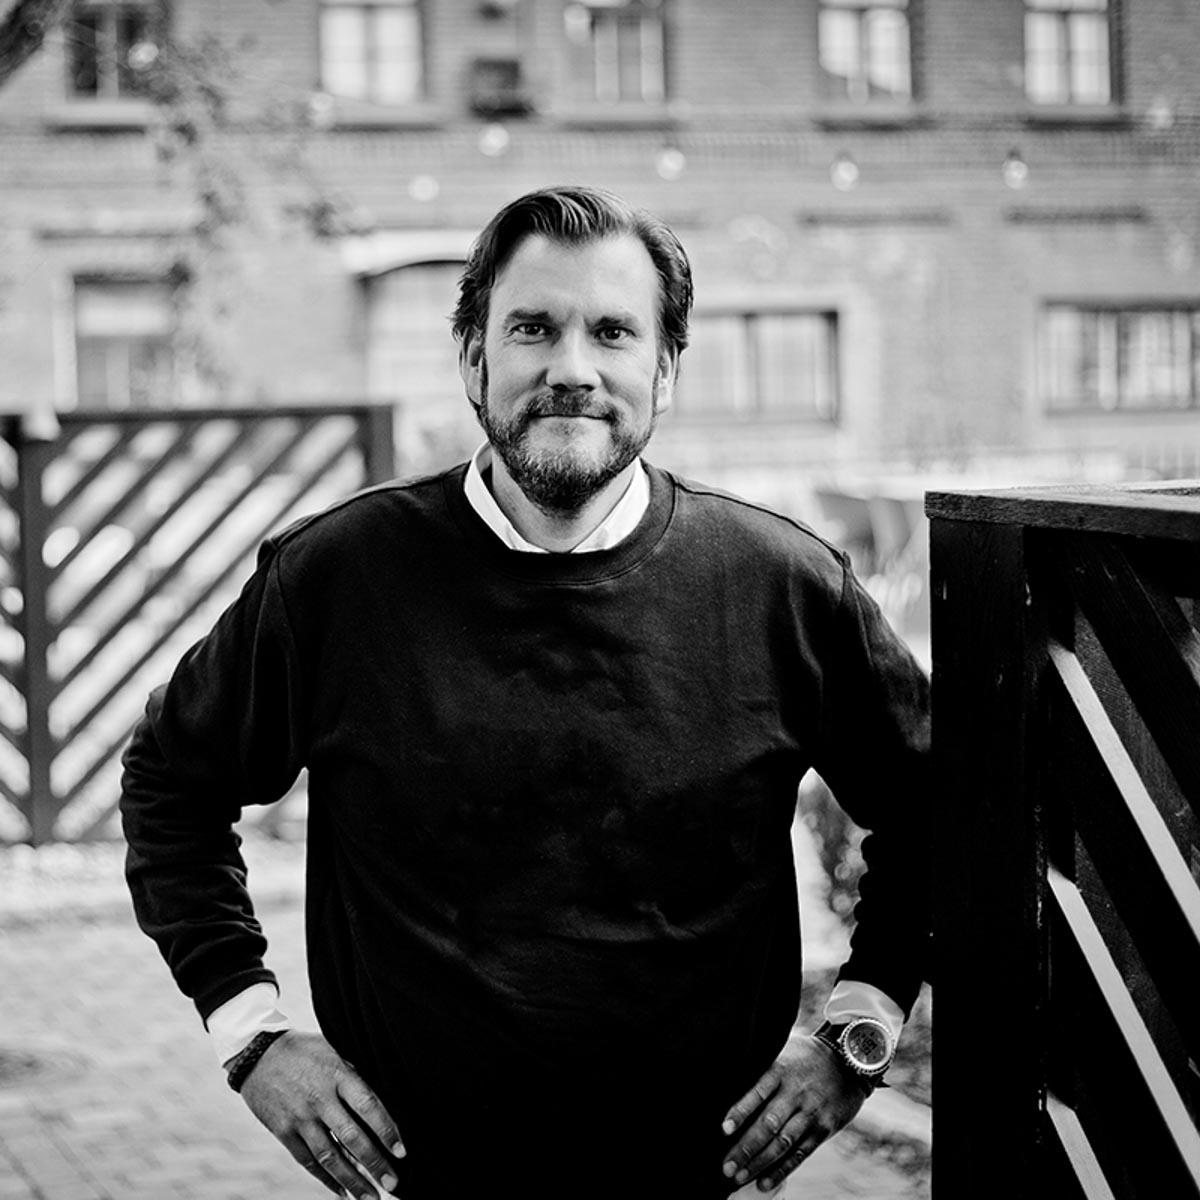 Mikko Ahola